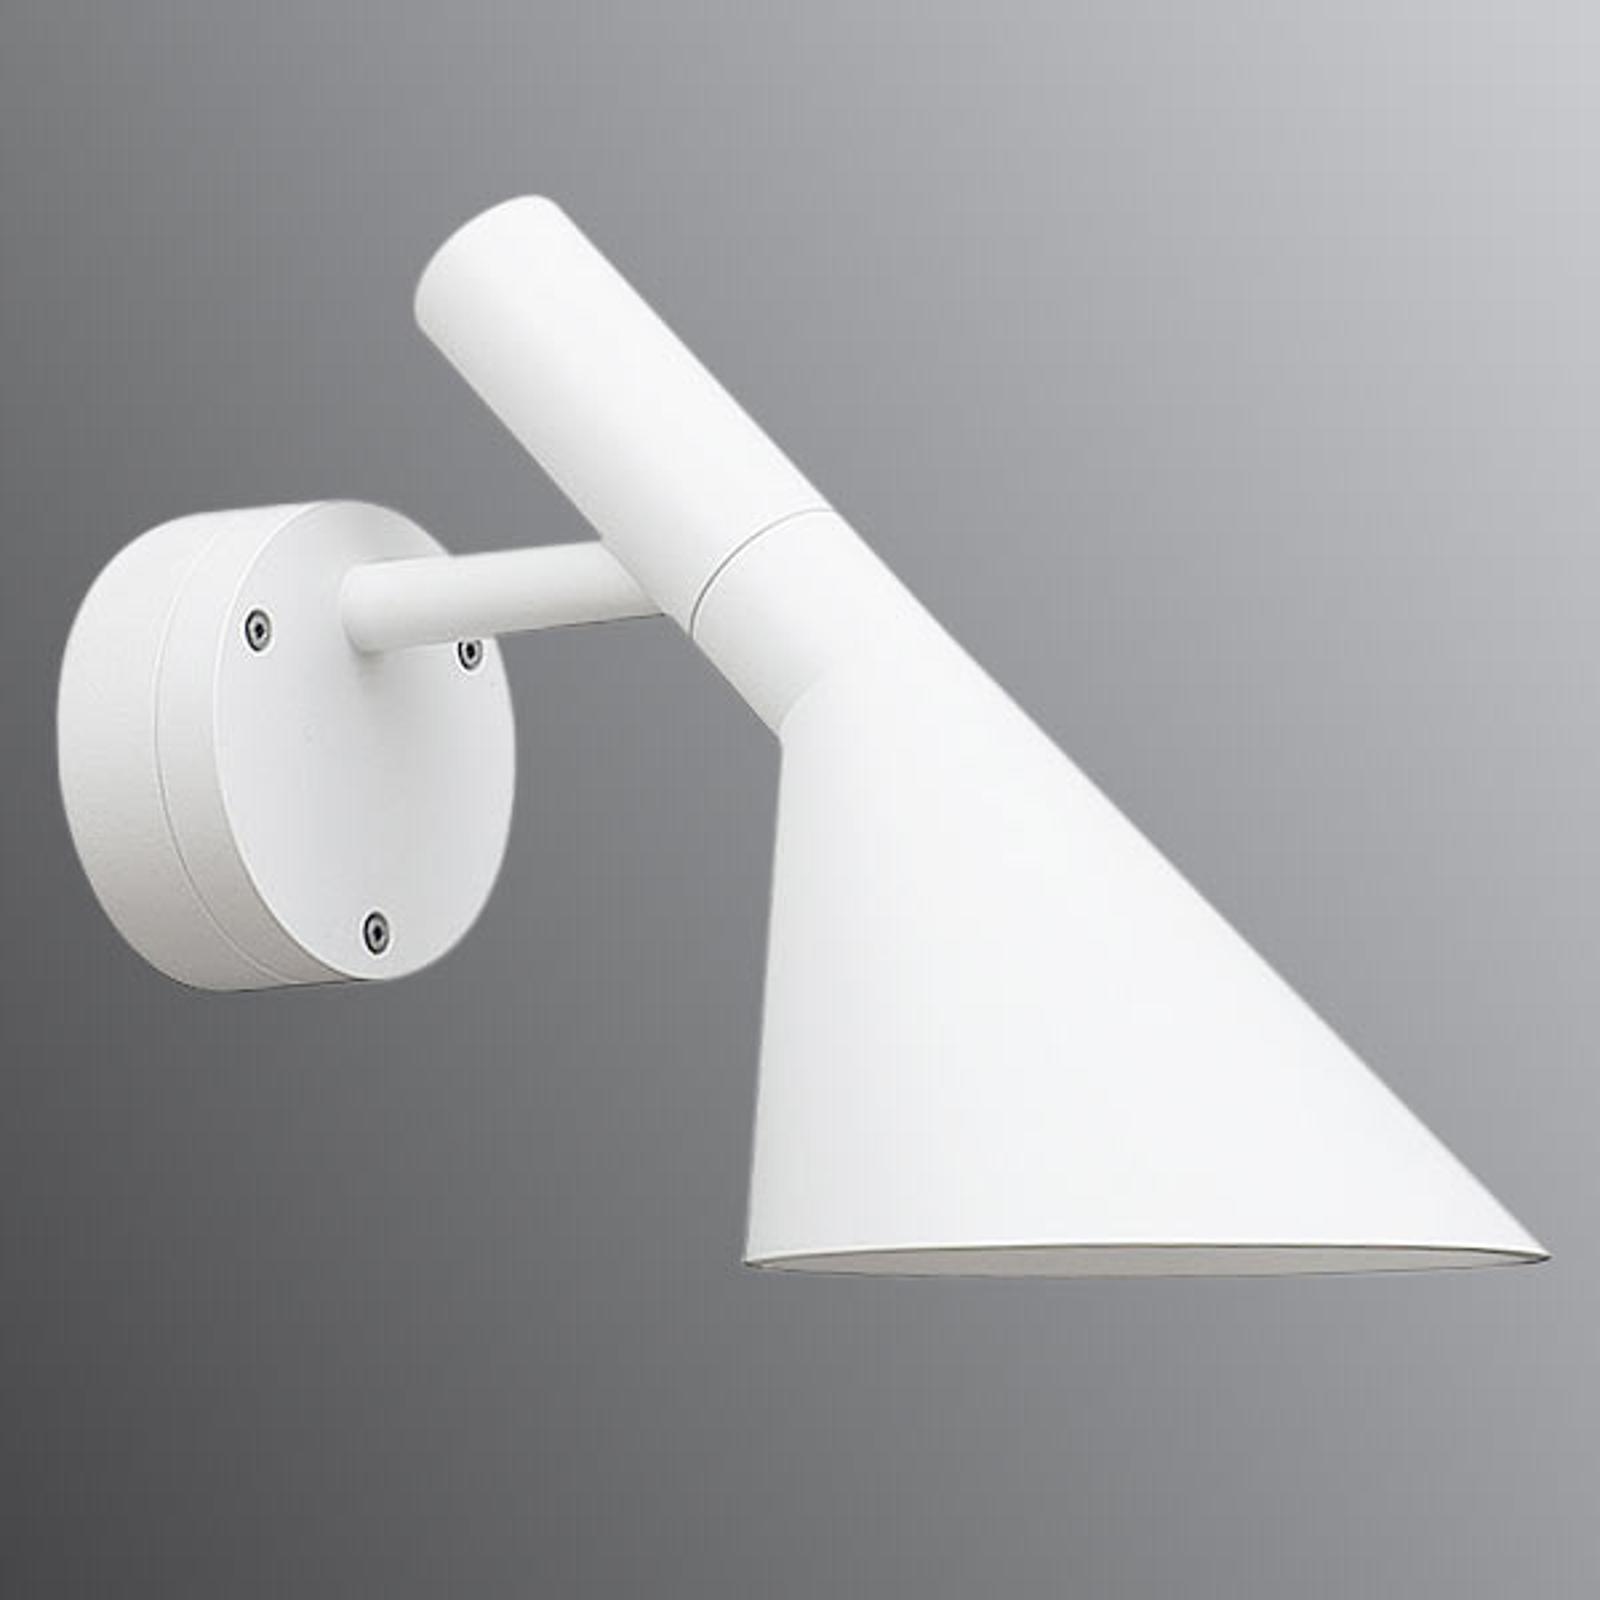 LED buiten wandlamp AJ 50, wit gestructureerd